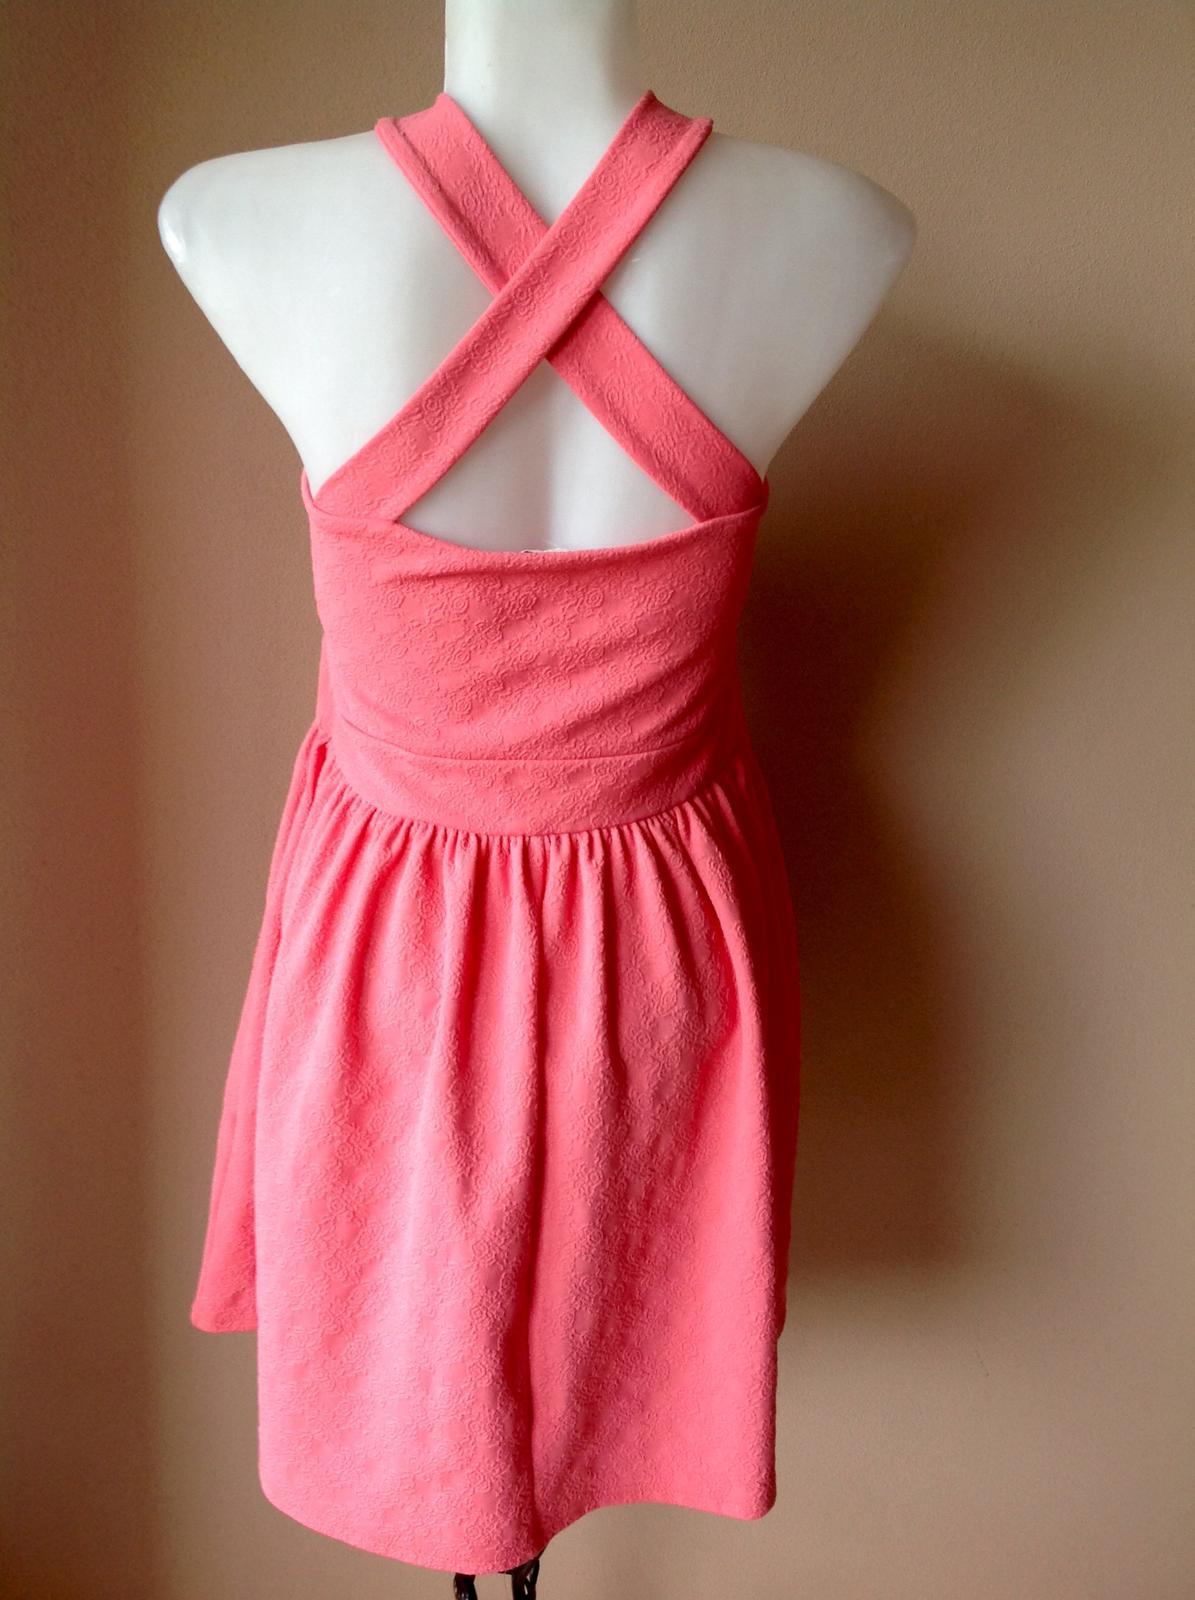 Šaty moss selfridge - Obrázok č. 4